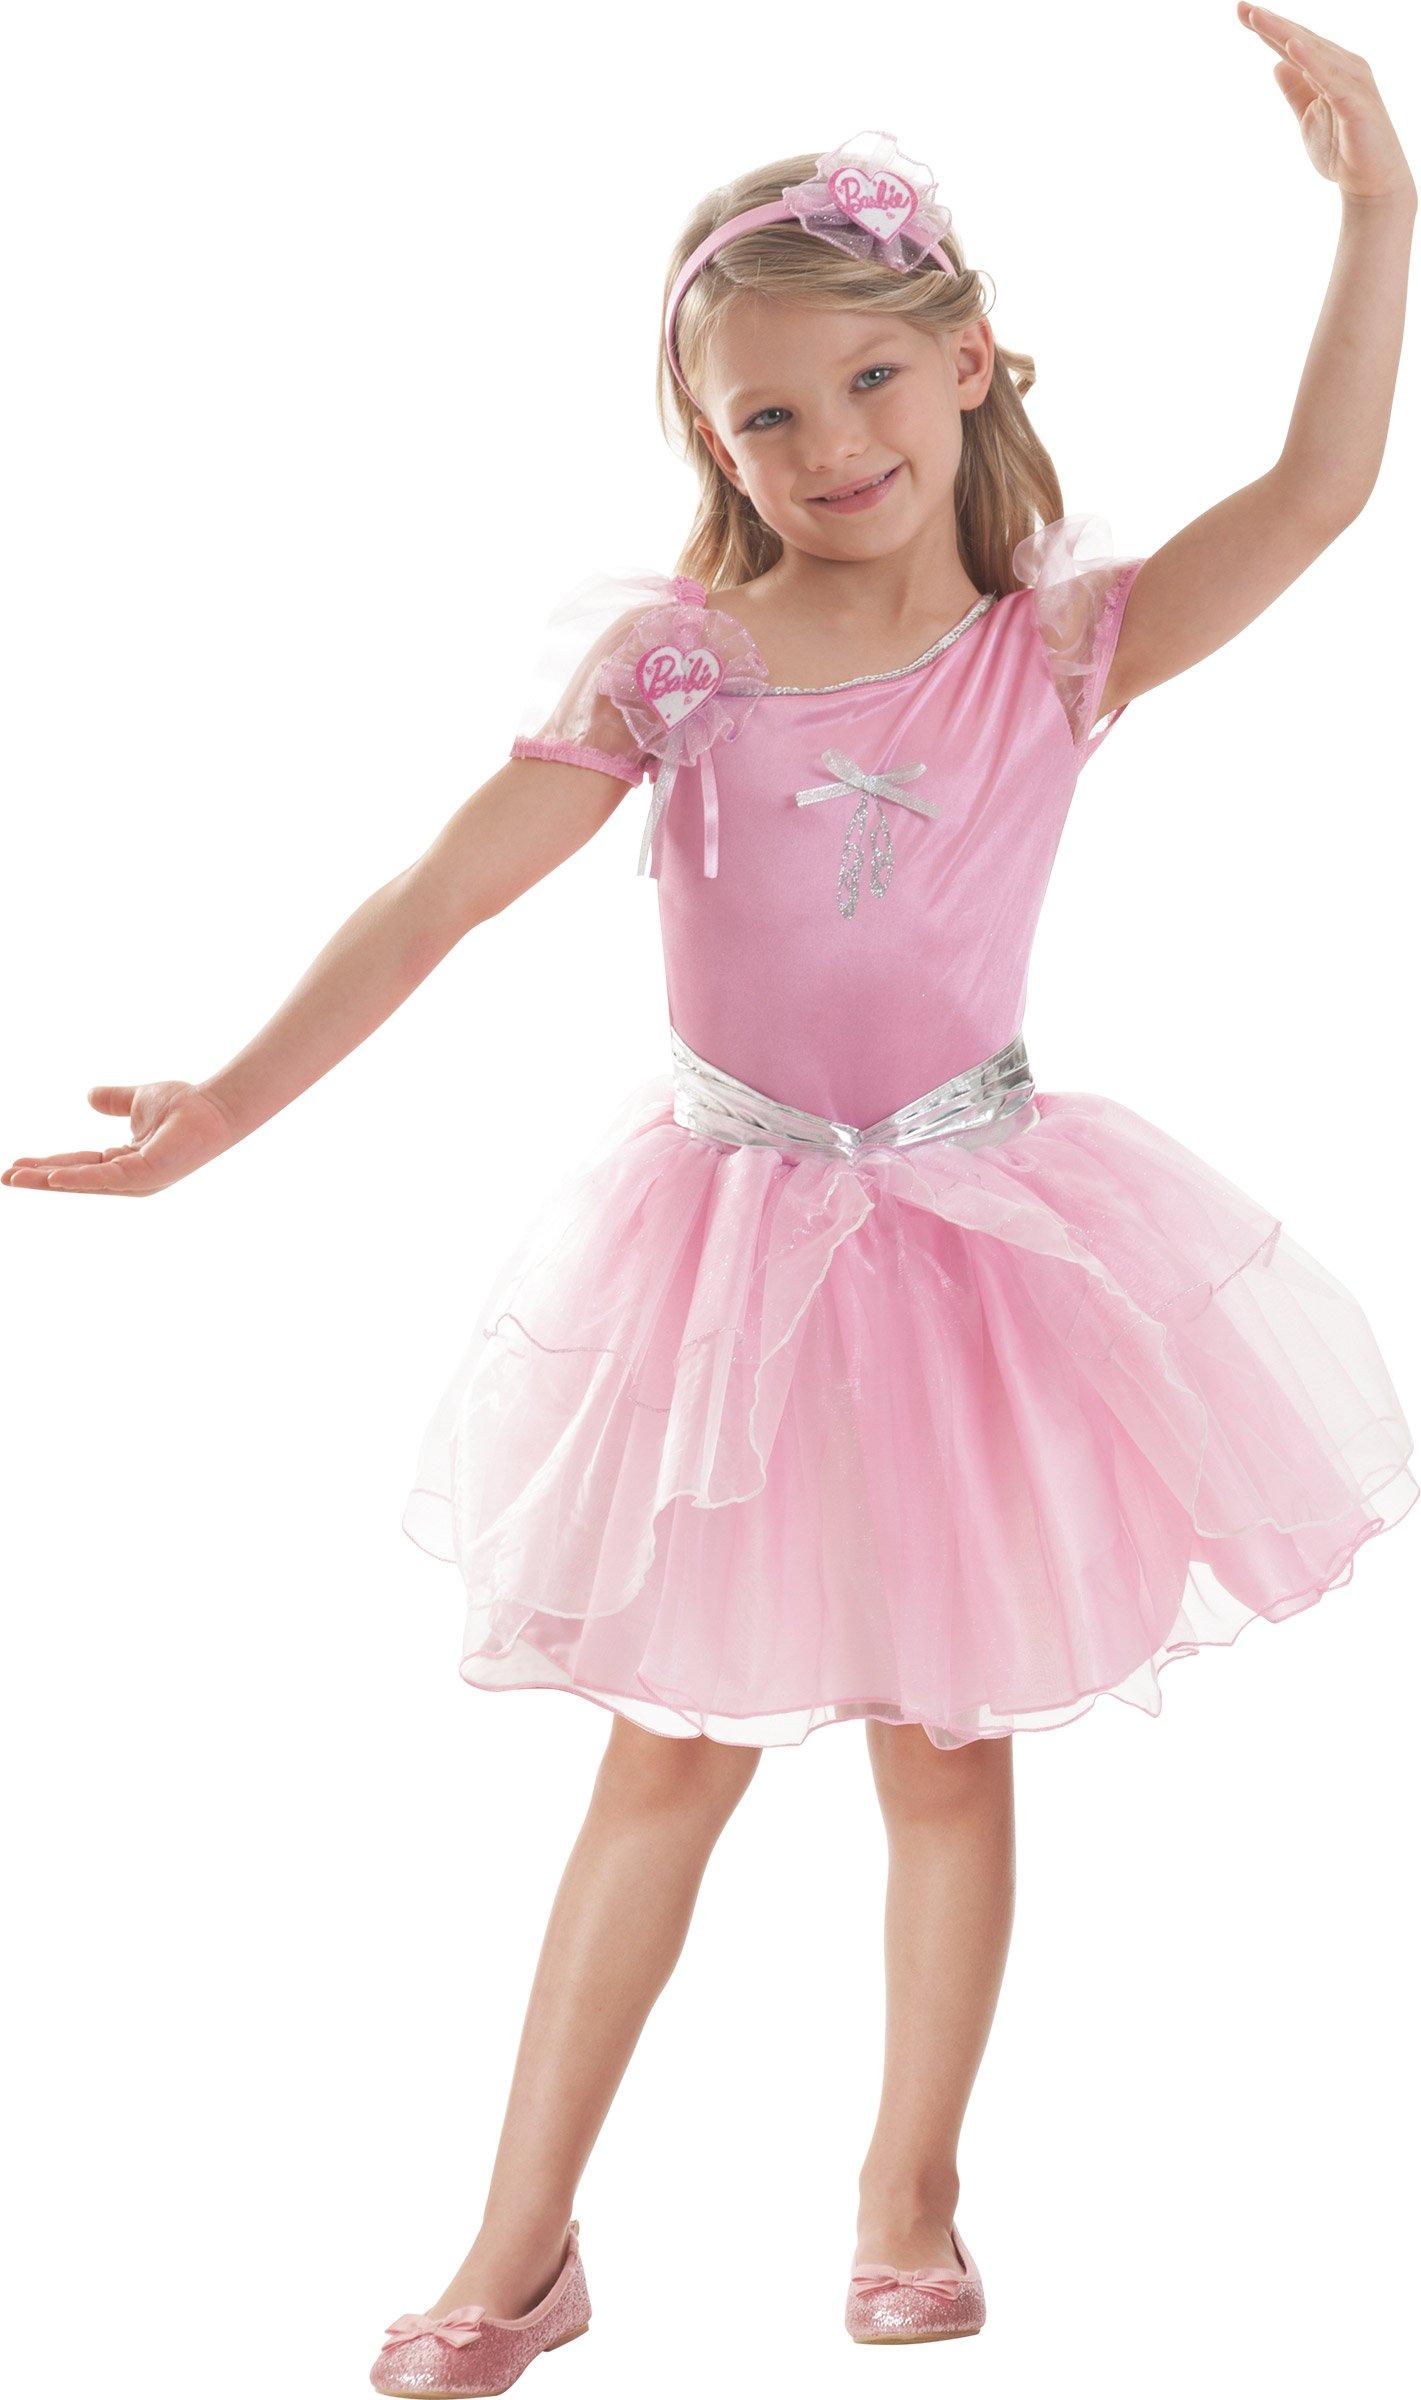 barbie ballerina kost m f r m dchen kost me f r kinder. Black Bedroom Furniture Sets. Home Design Ideas